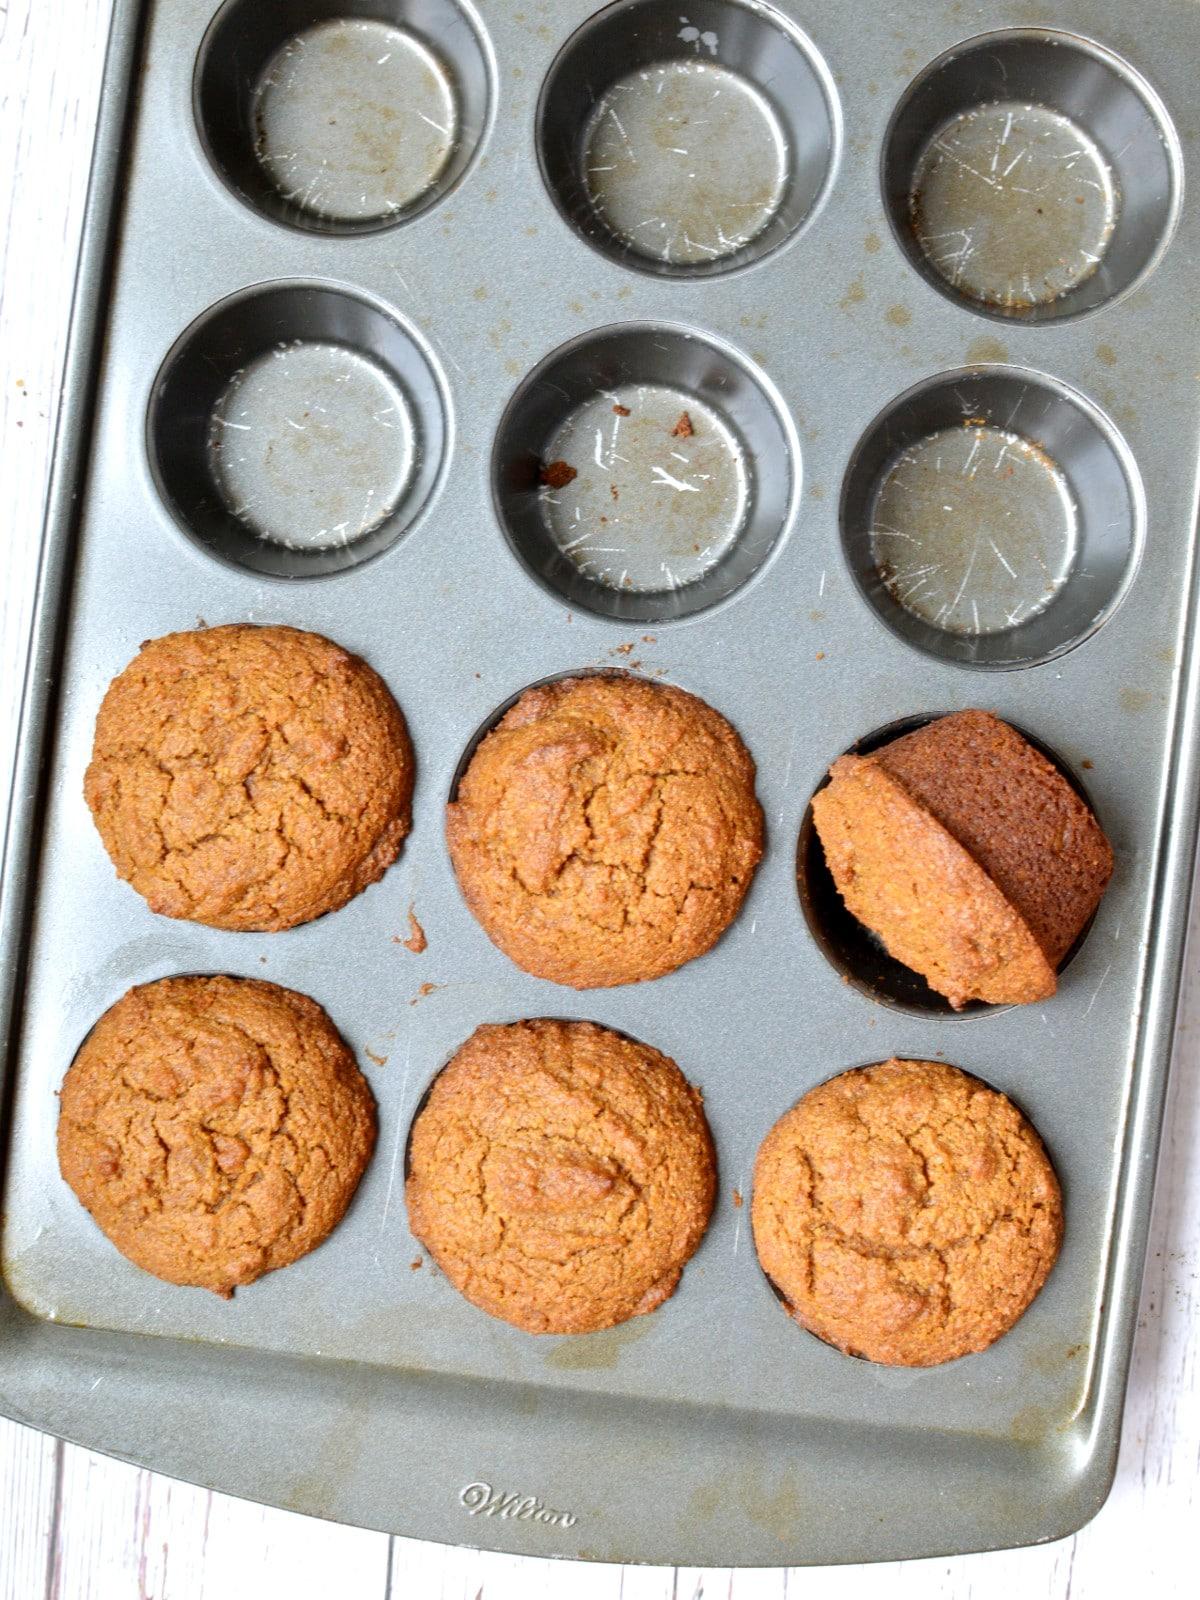 paleo pumpkin muffins in a pan